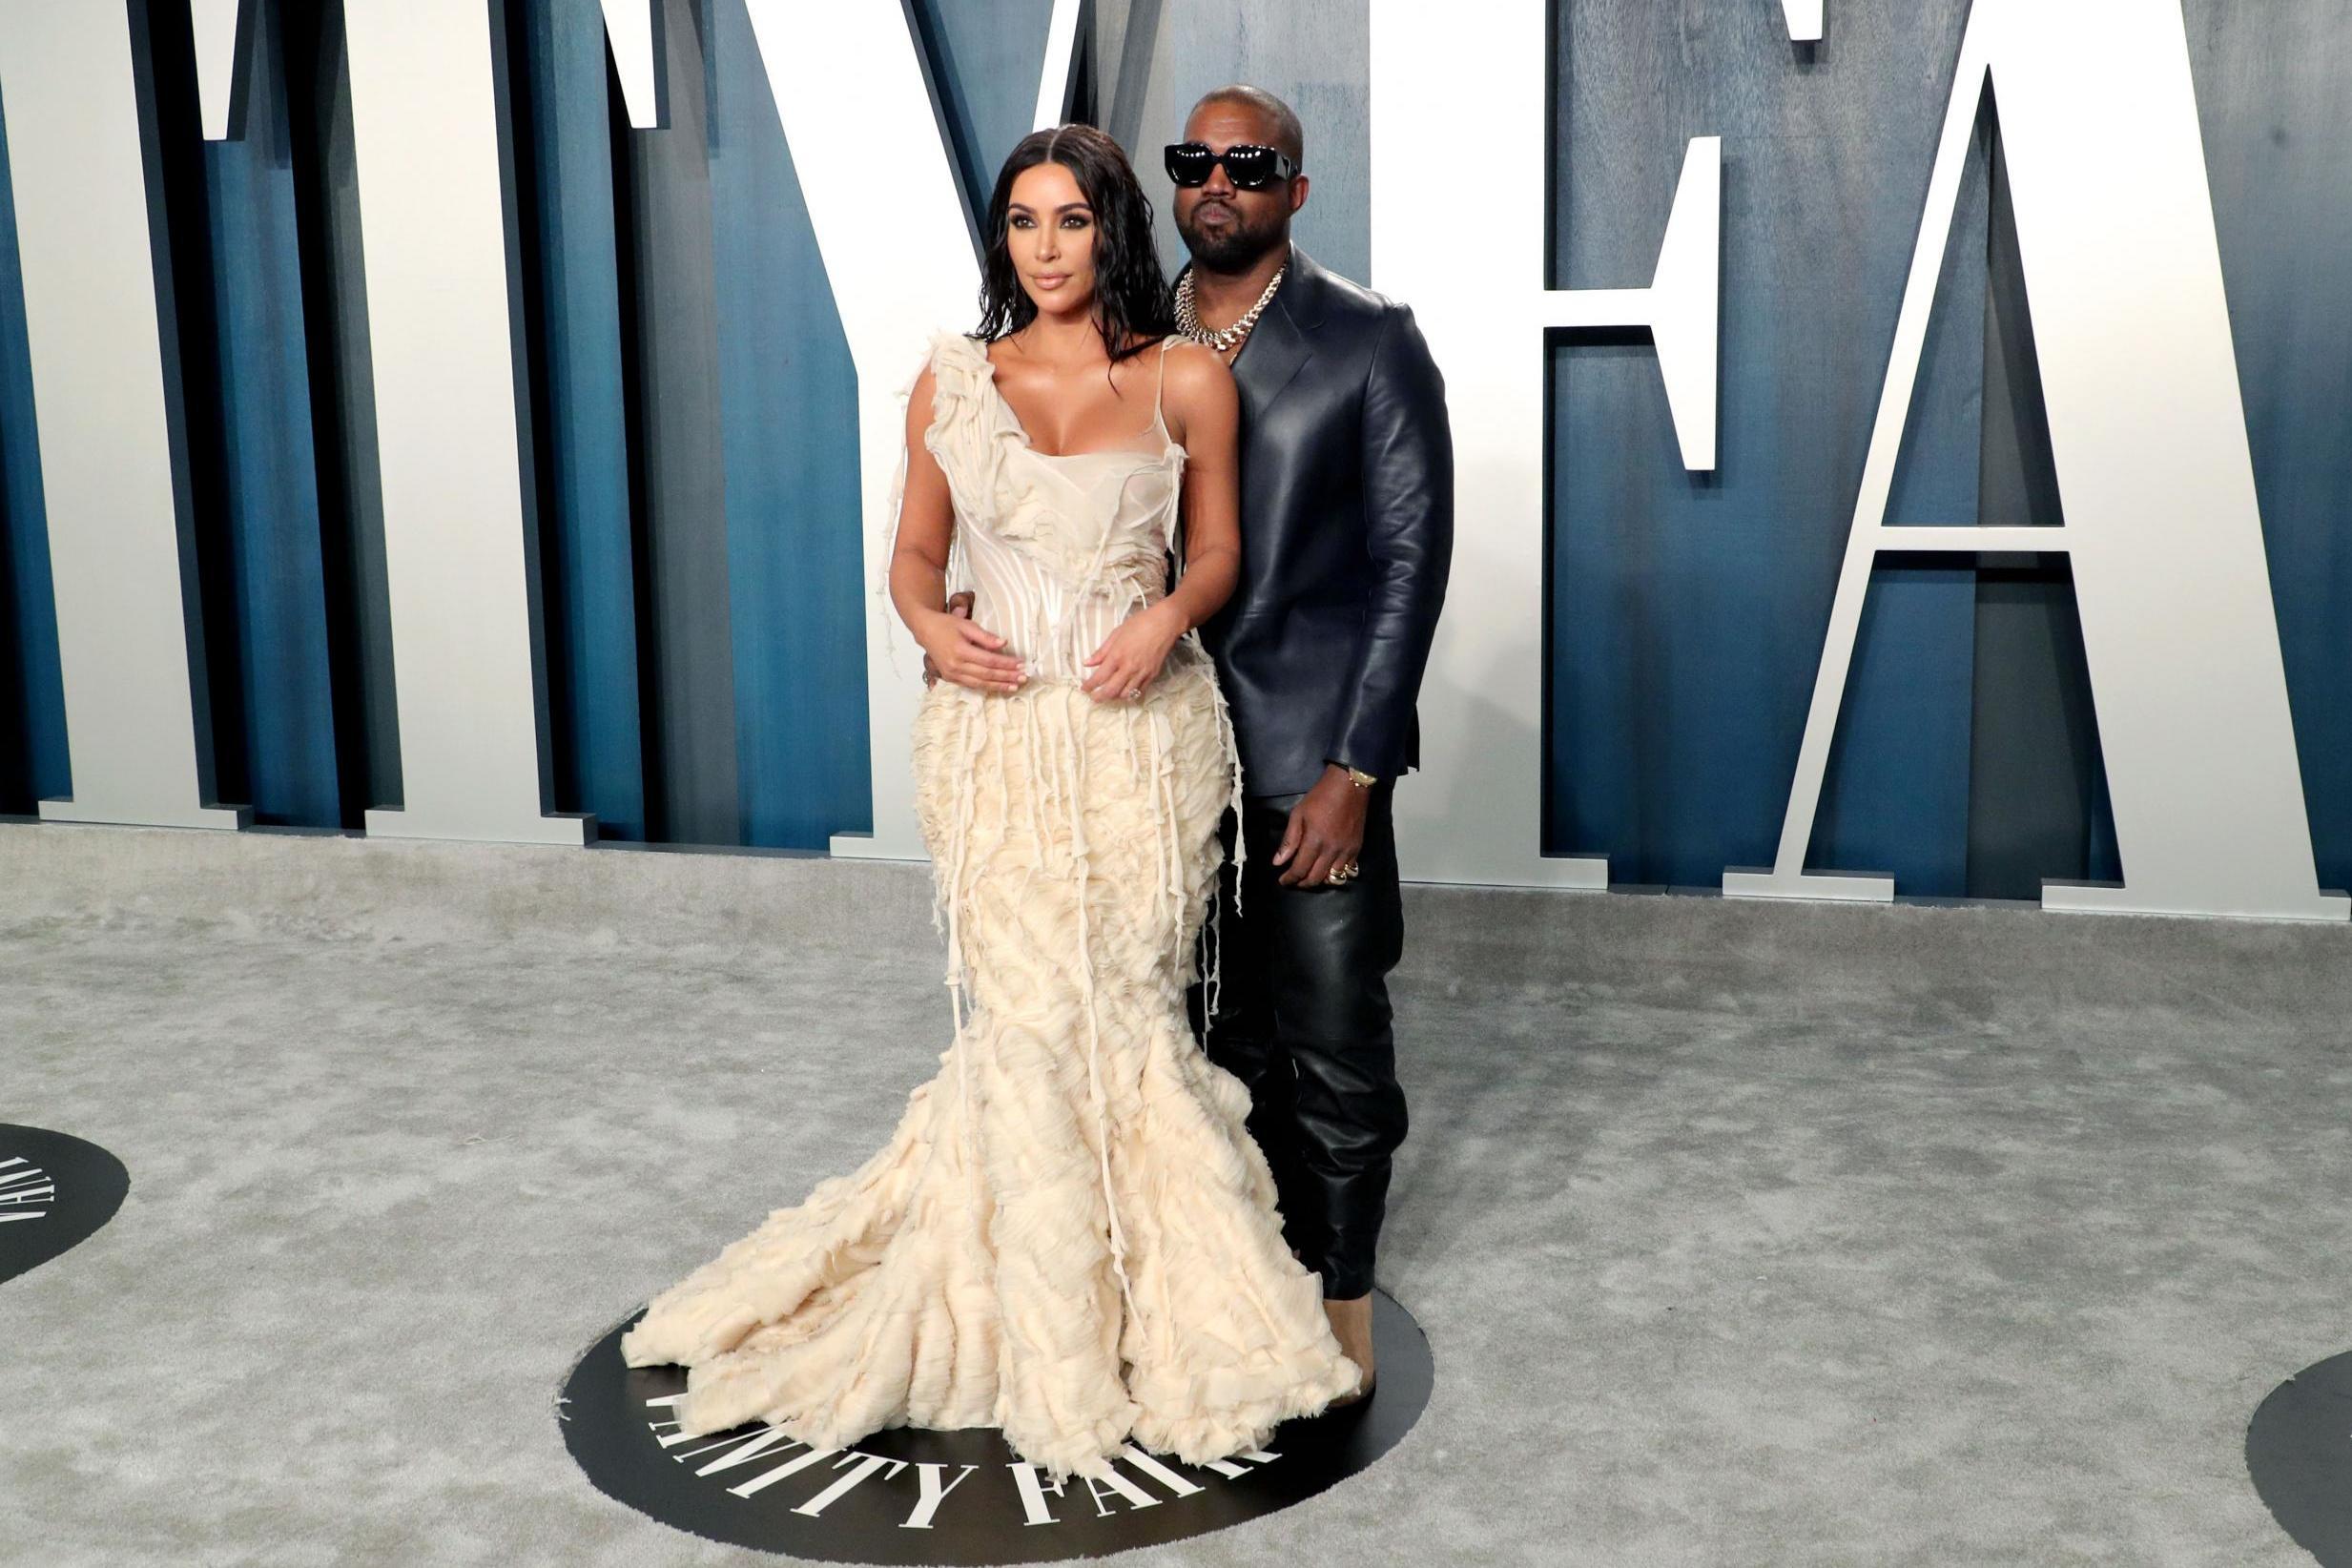 Oscars 2020 Kim Kardashian West Wears Vintage Mcqueen Oyster